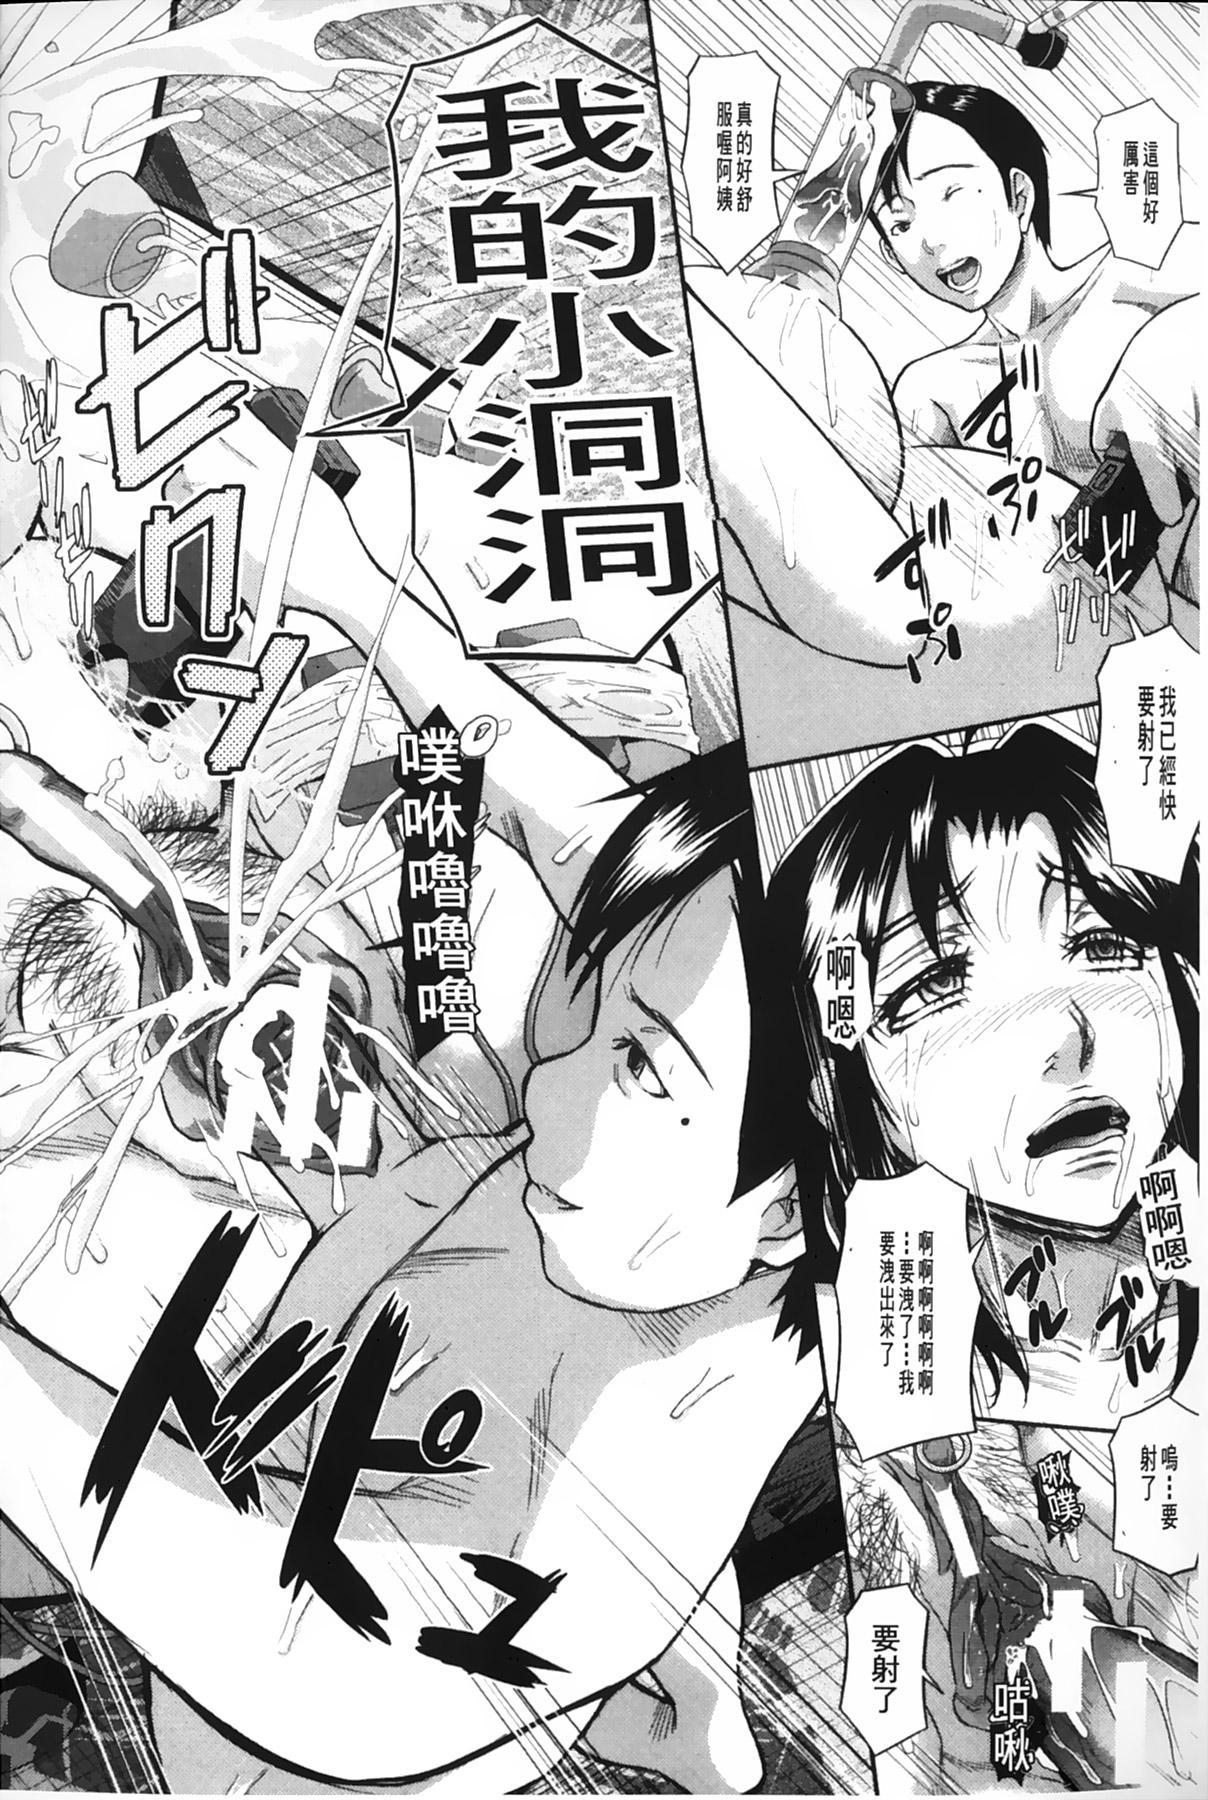 [Honebuto Danshaku] Onna Jigoku Niku no Tsubo~Hentai Rui Inran Ka Mesu Buta Ichidaiki~ | 女地獄、肉之壺 ~変態類淫乱科淫母豬一代記~ [Chinese] 104